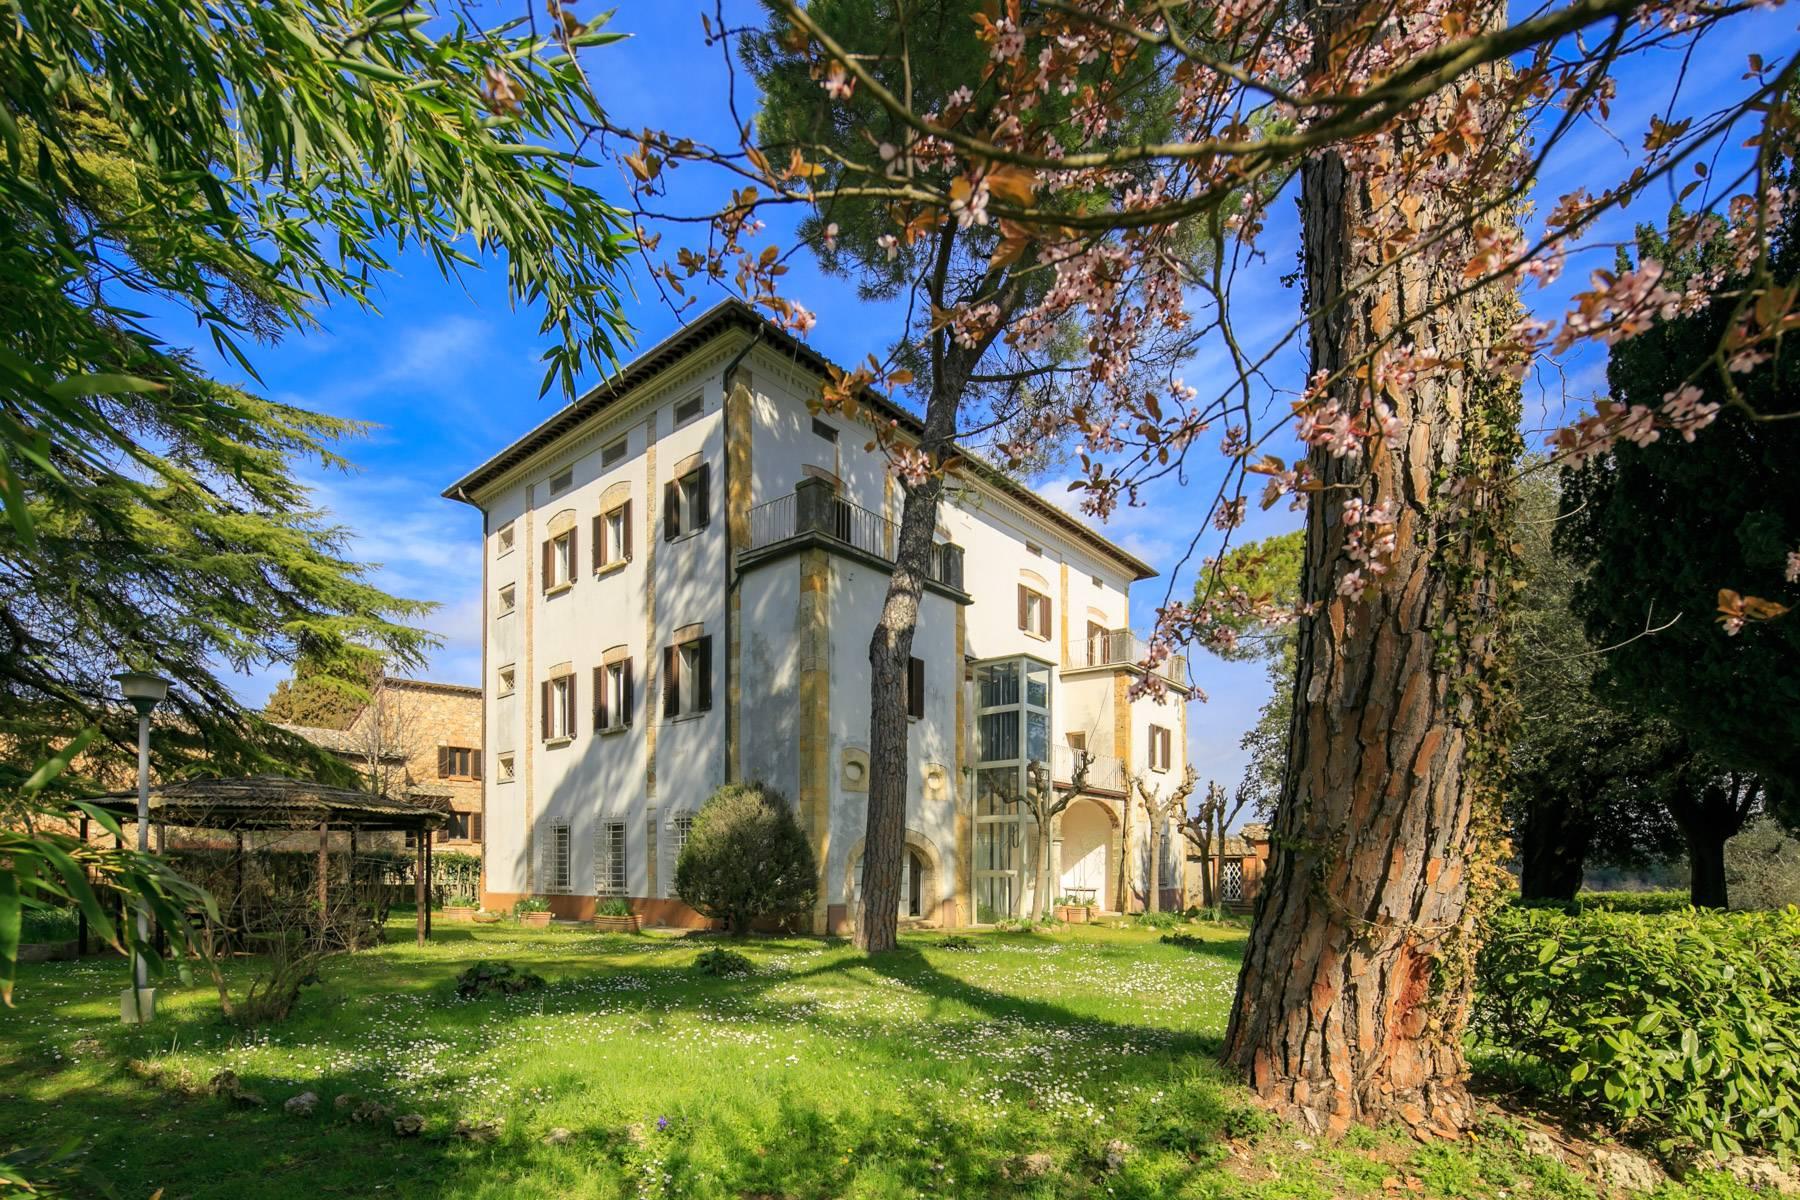 Villa in Vendita a Montepulciano via del tiglio